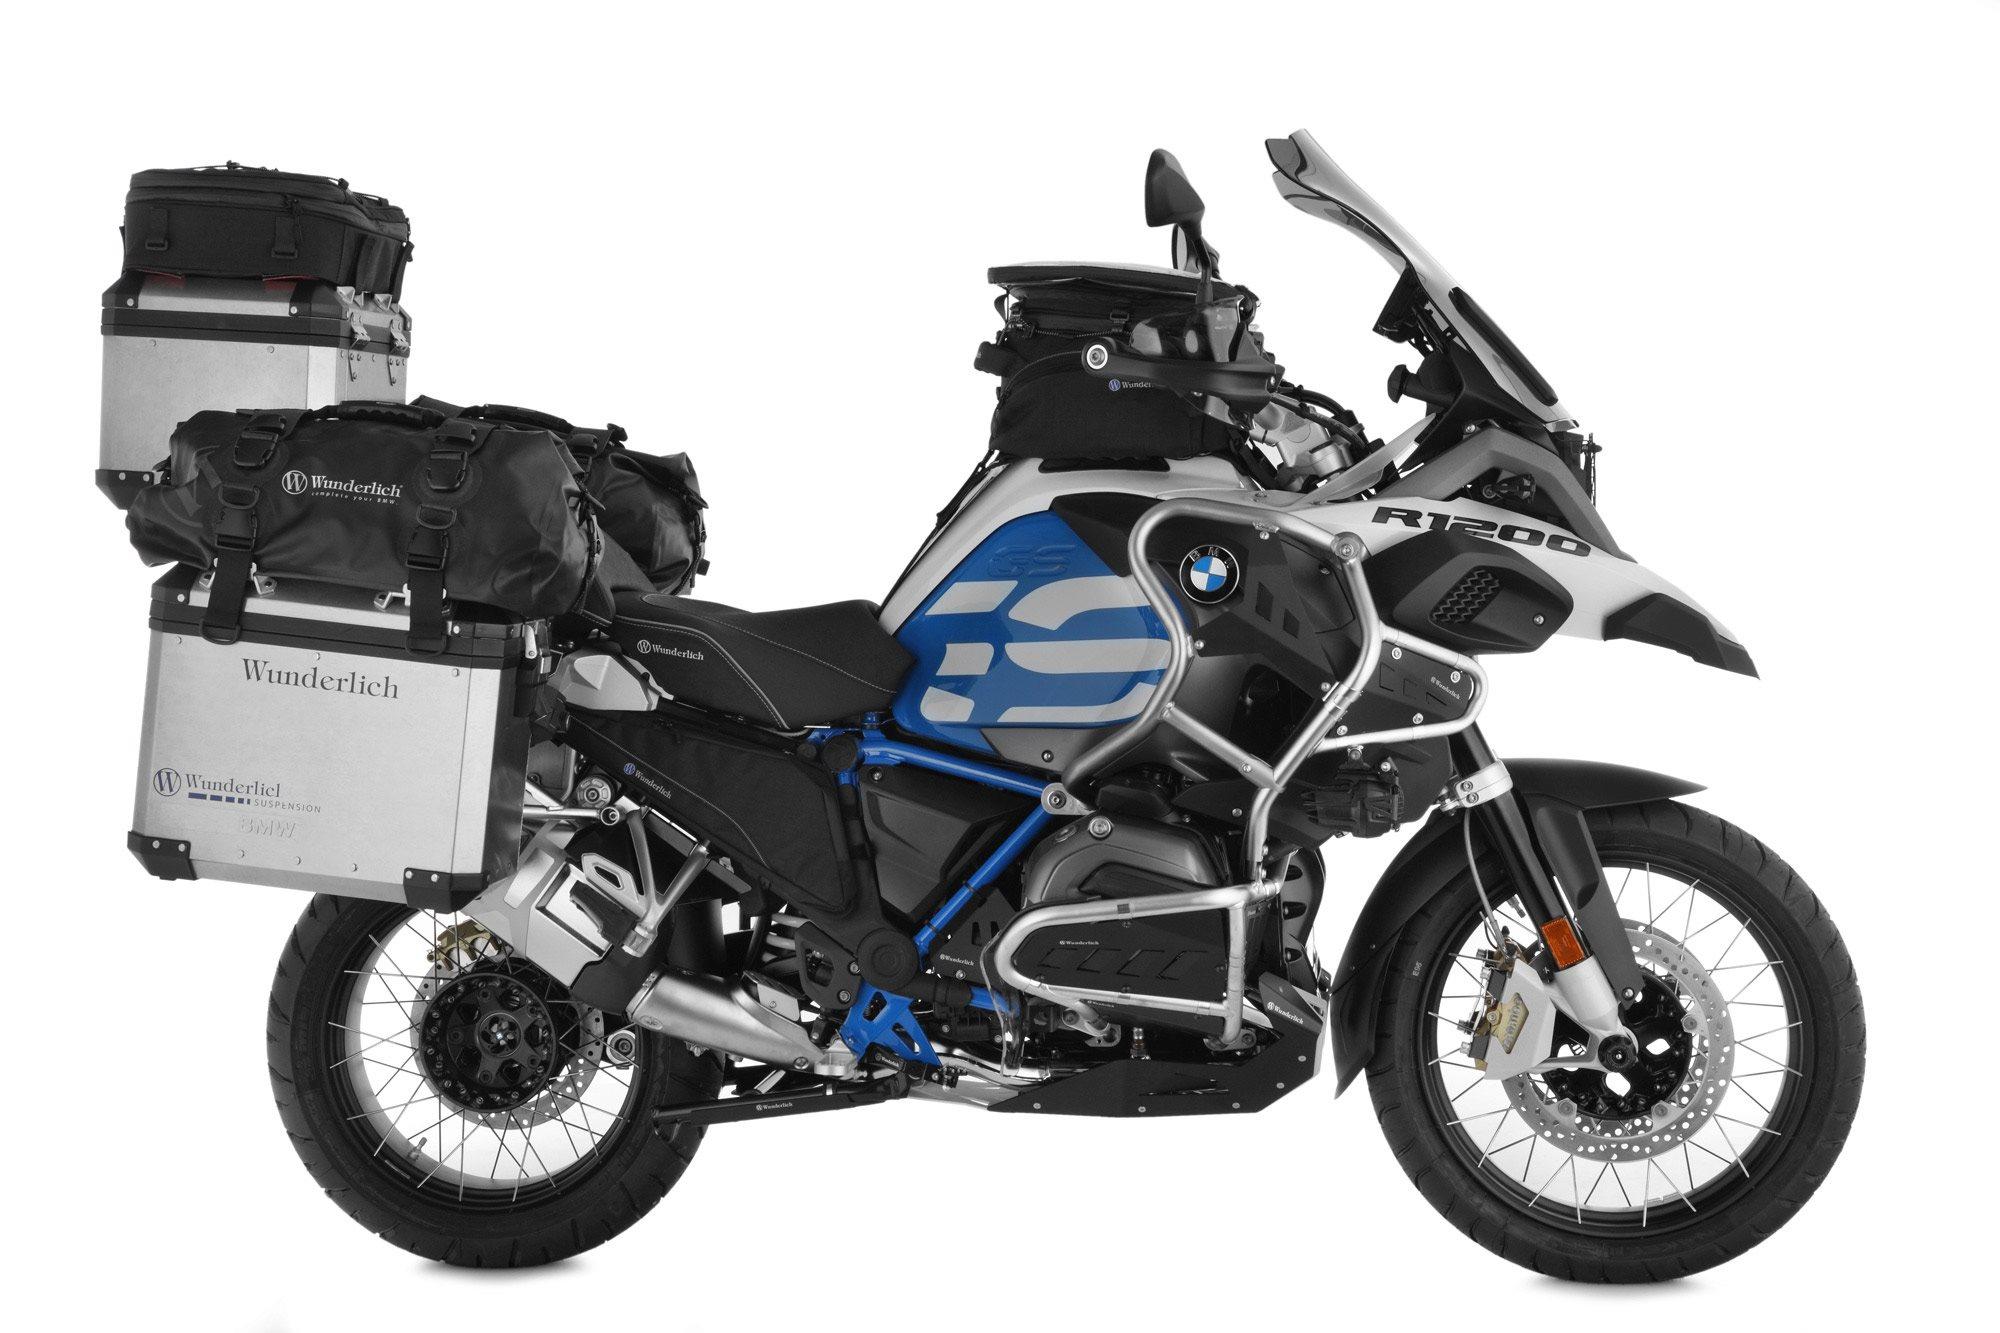 bmw r 1200 gs adventure zubeh r von wunderlich motorrad news. Black Bedroom Furniture Sets. Home Design Ideas